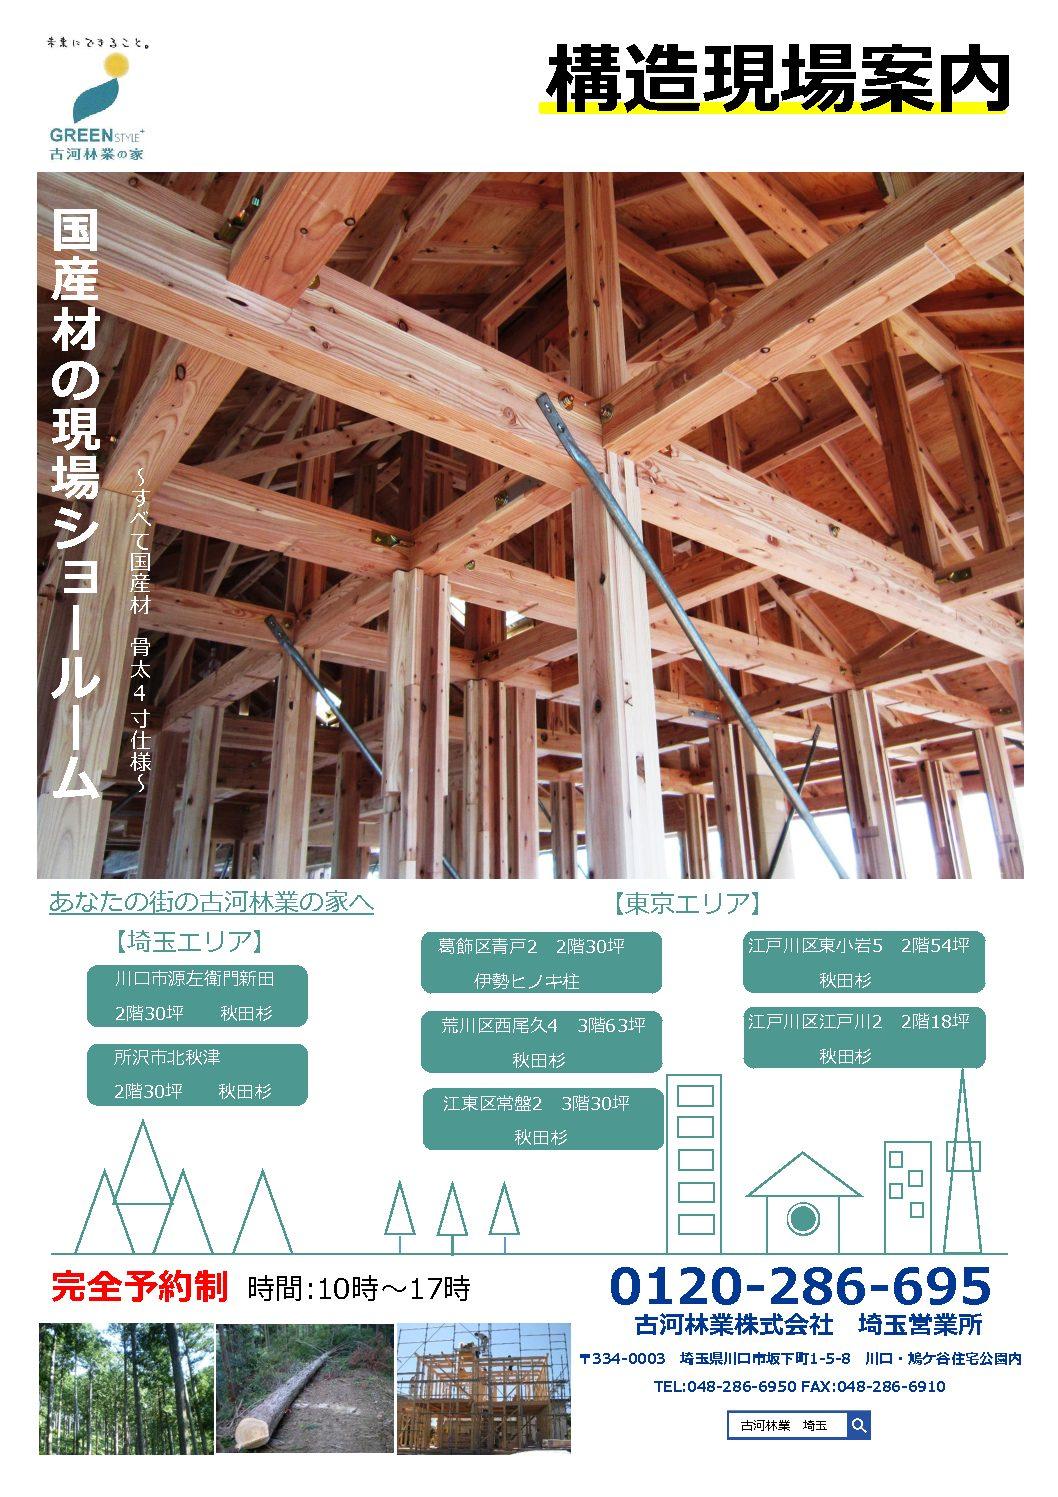 11月の構造現場見学案内【川口】